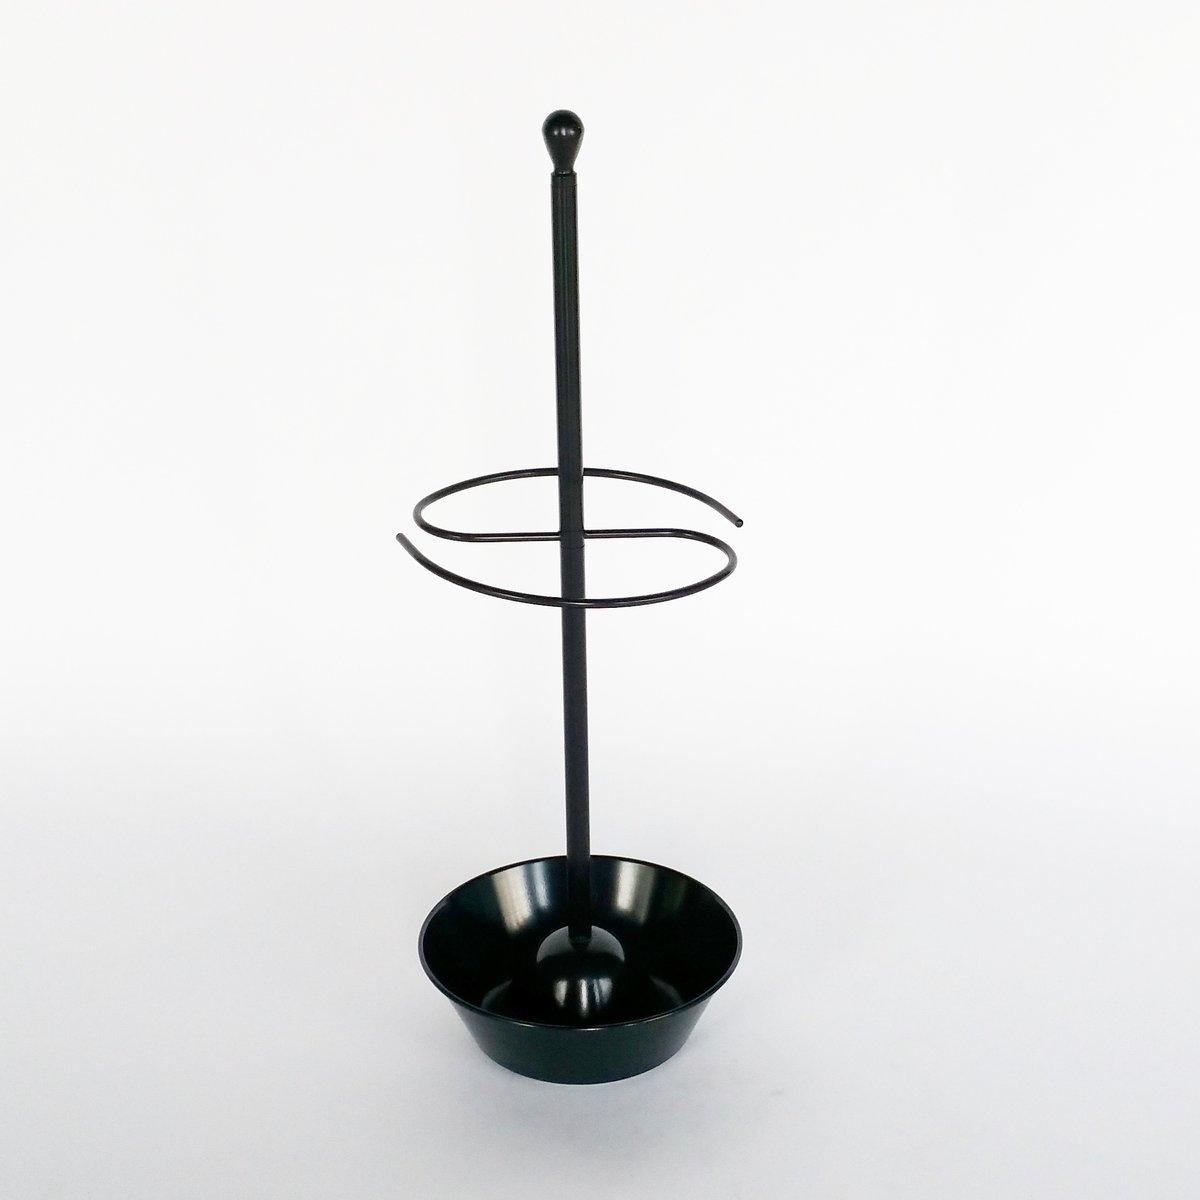 porte parapluie servopluvio vintage par achille pier giacomo castiglioni pour zanotta italie. Black Bedroom Furniture Sets. Home Design Ideas